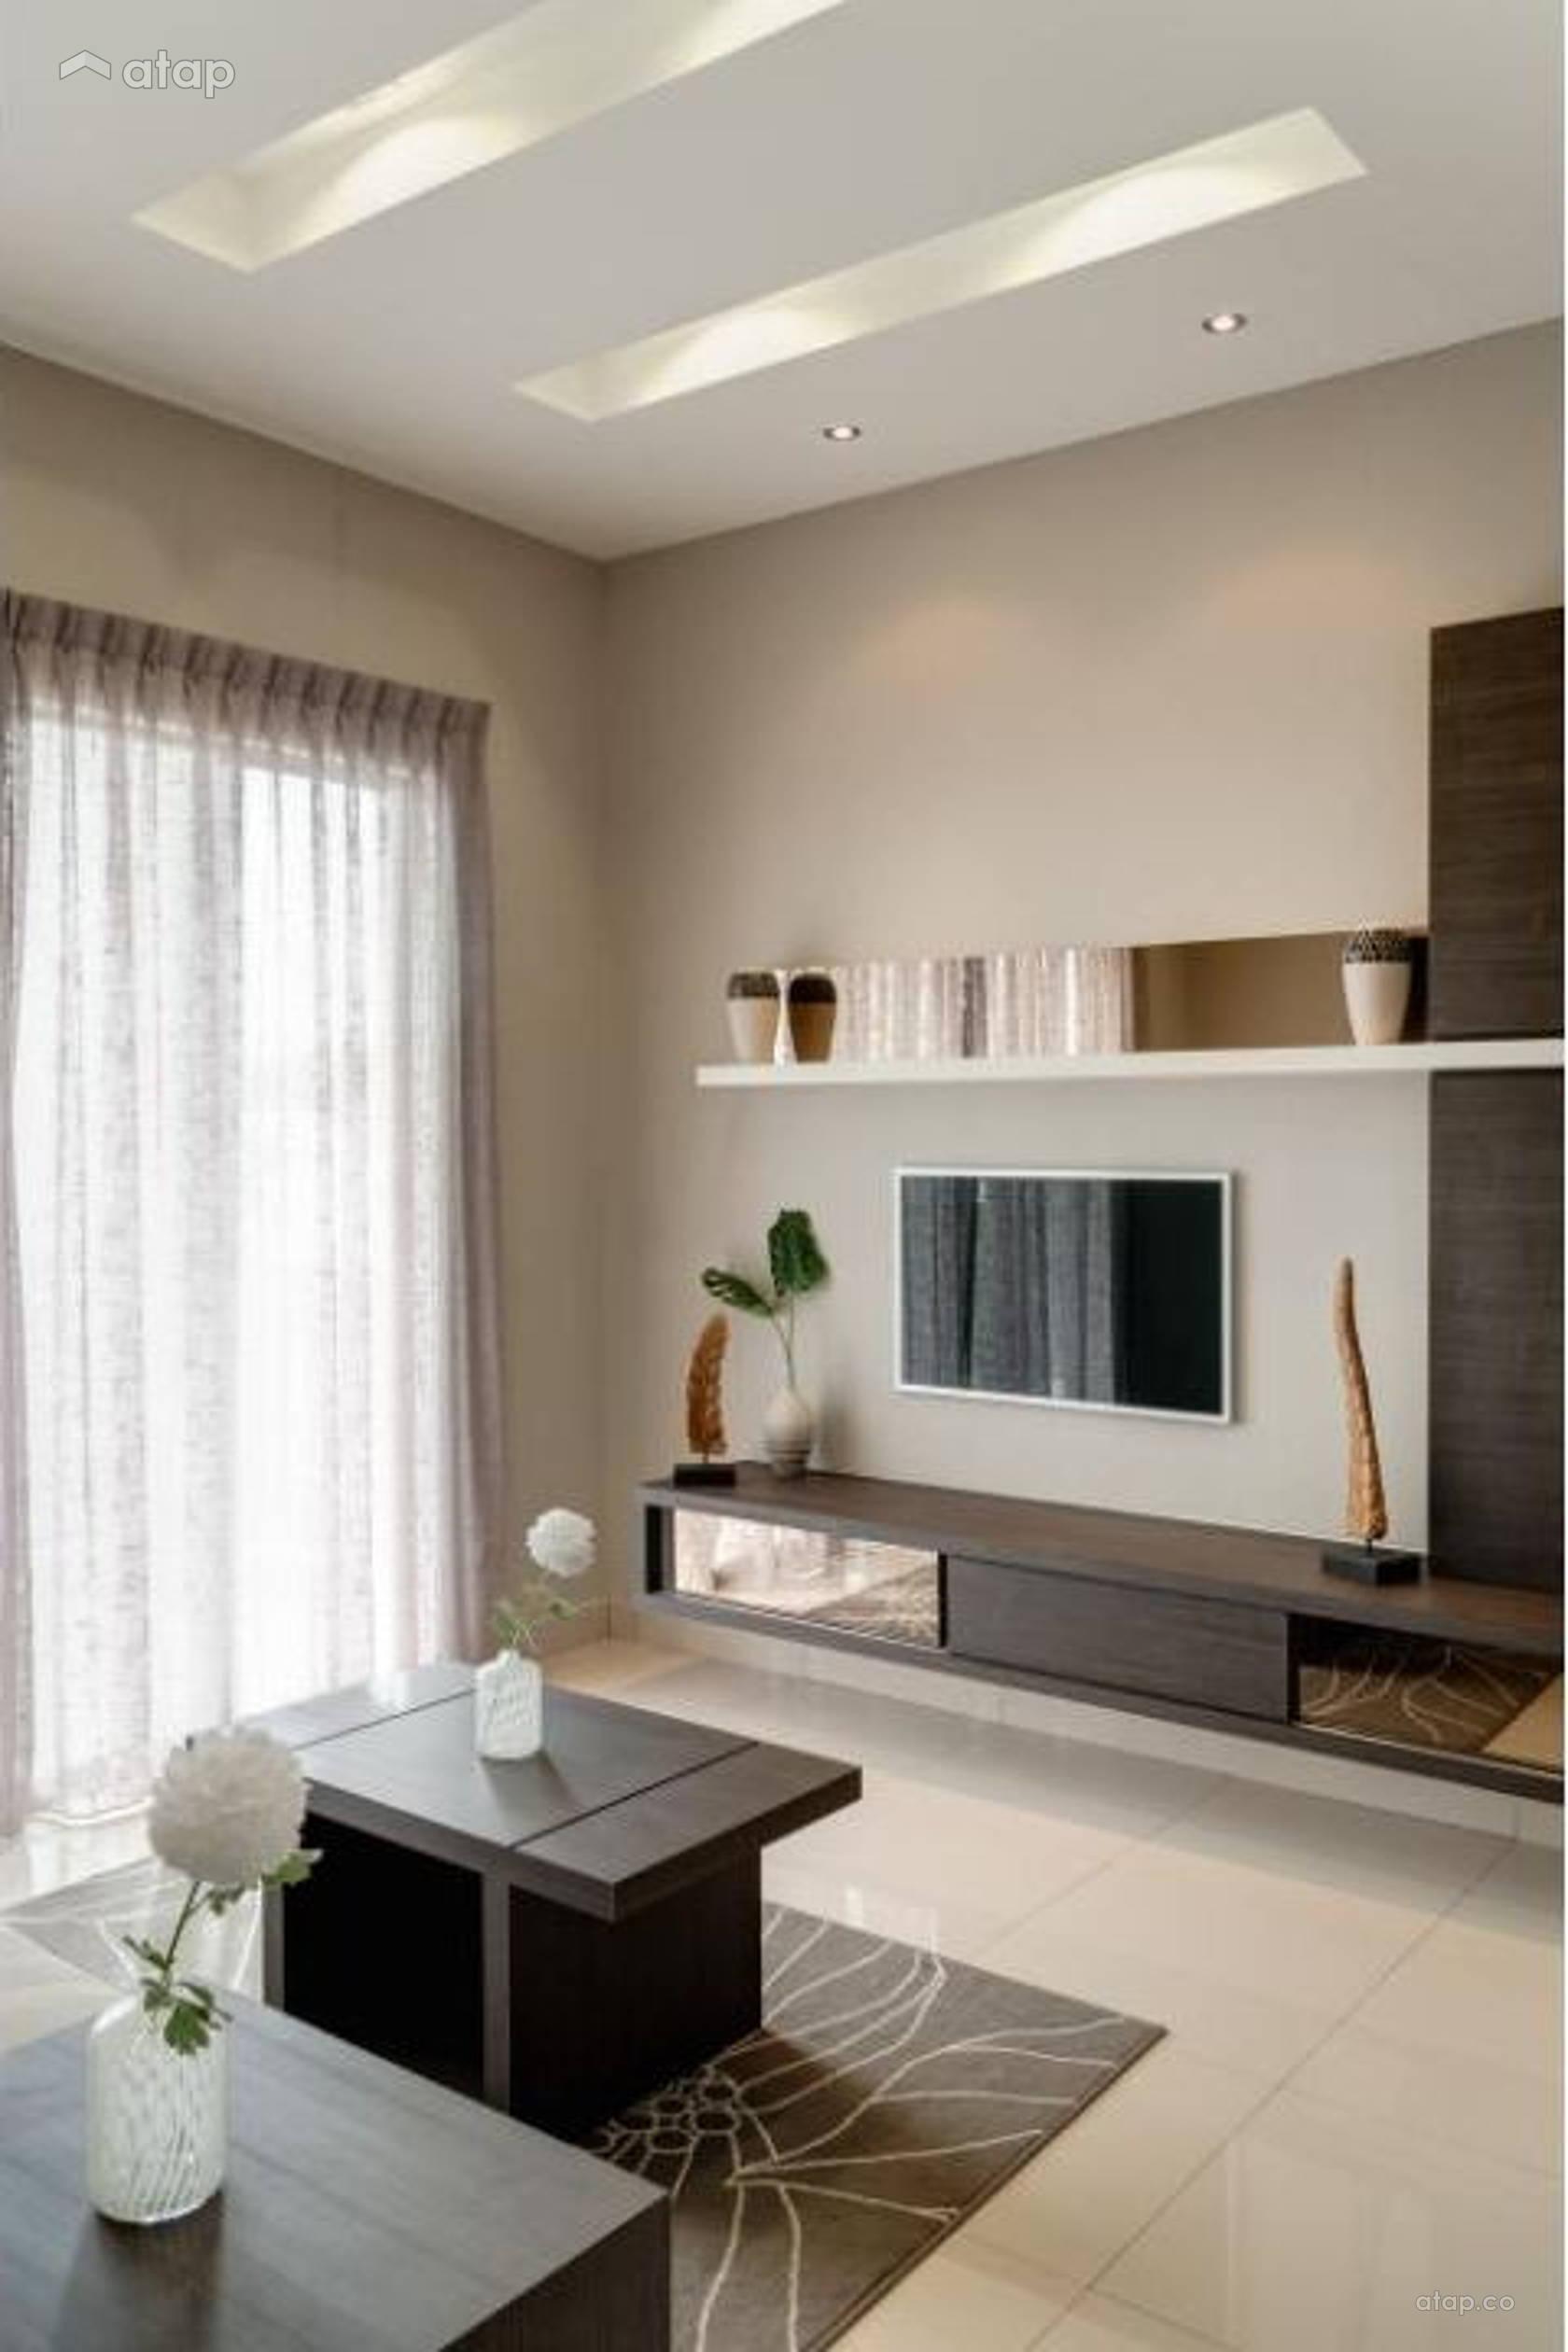 Beau Topaz Show House Interior Design Renovation Ideas Photos And